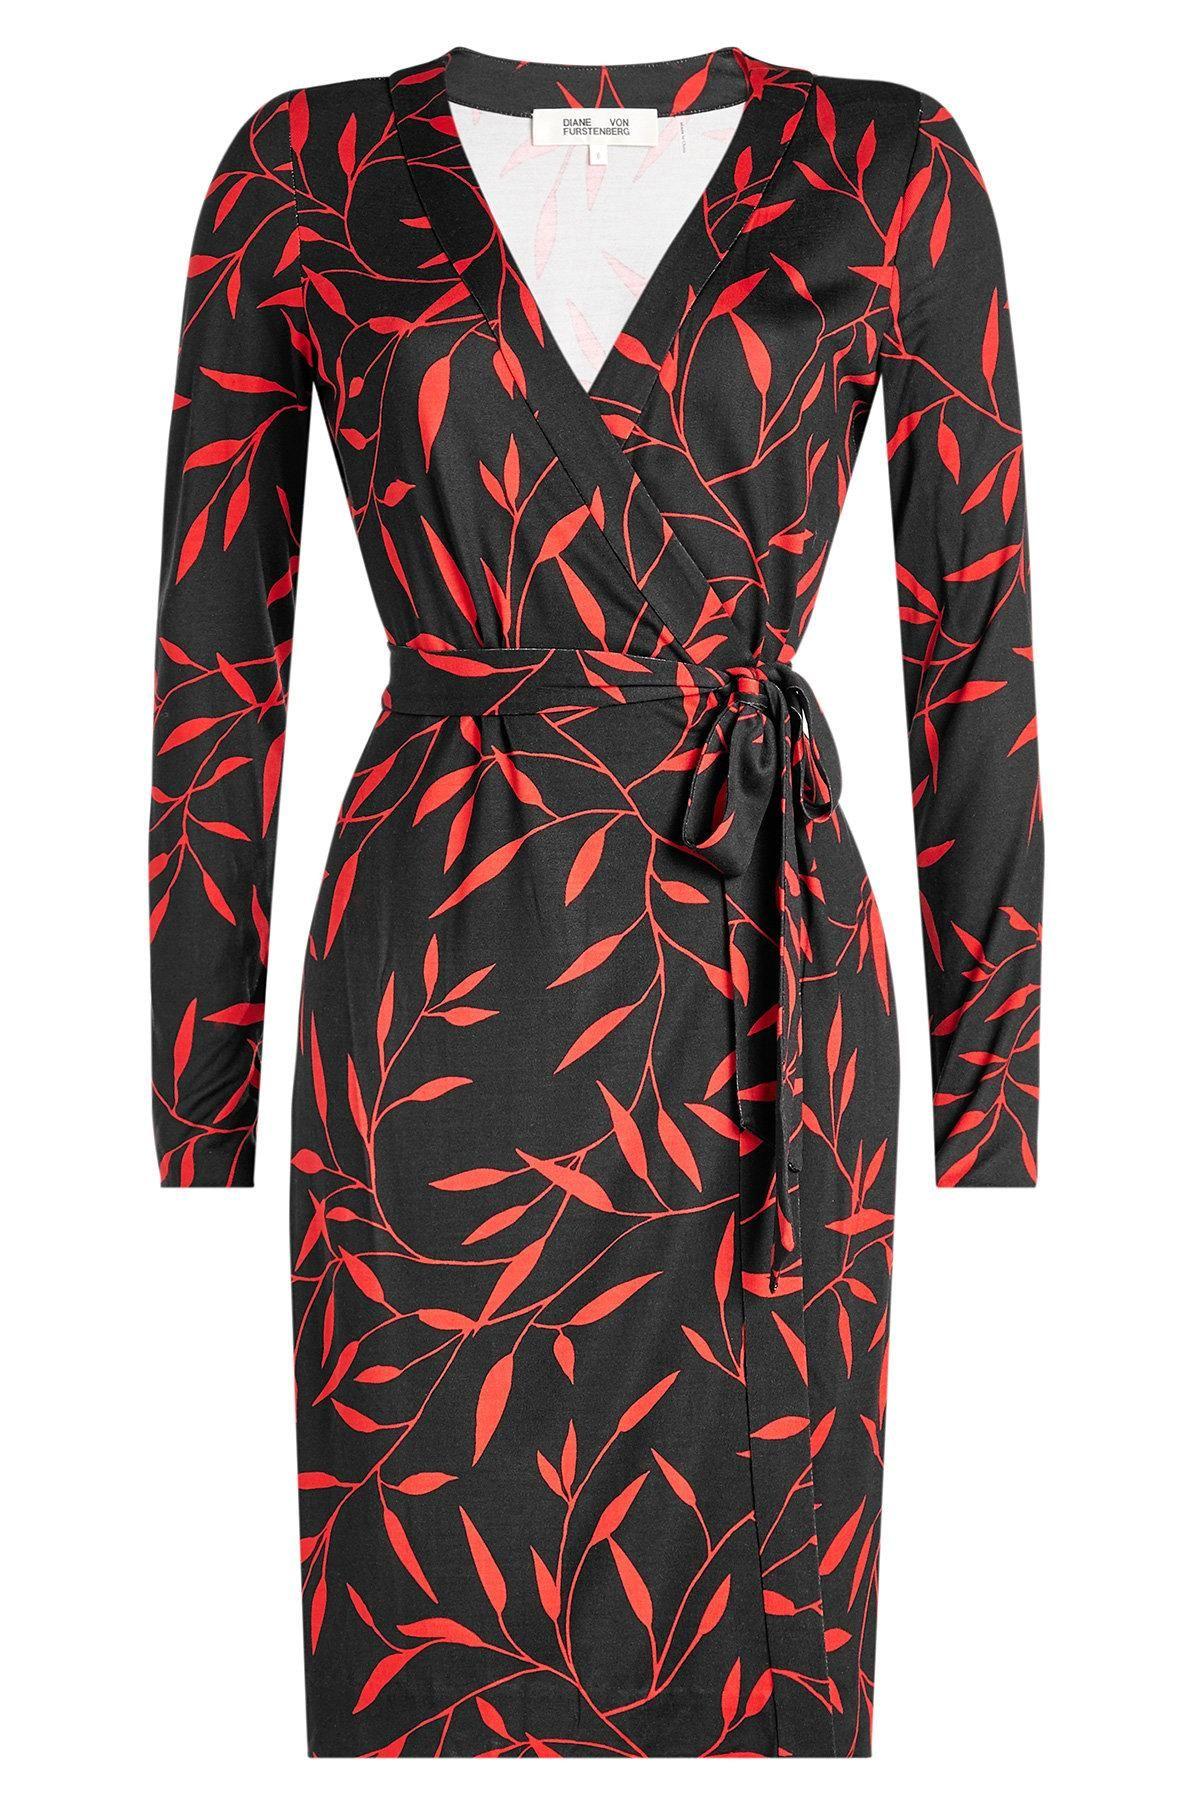 Diane von Furstenberg Bedrucktes Wickelkleid aus Seide | Diane von ...